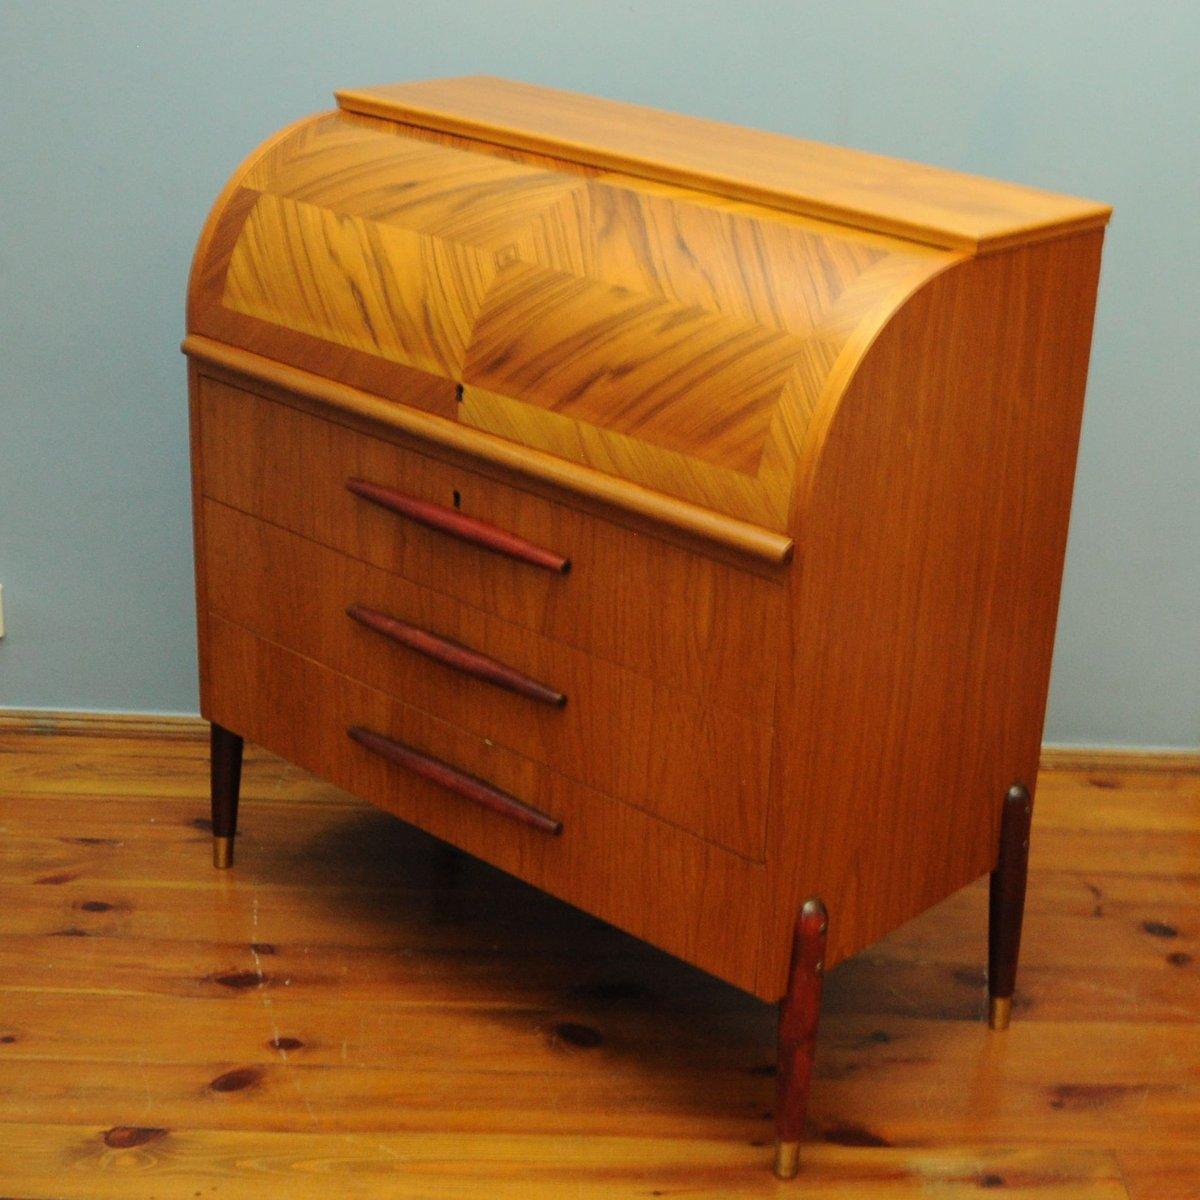 schwedischer mid century teak sekret r mit rollt rfach bei pamono kaufen. Black Bedroom Furniture Sets. Home Design Ideas